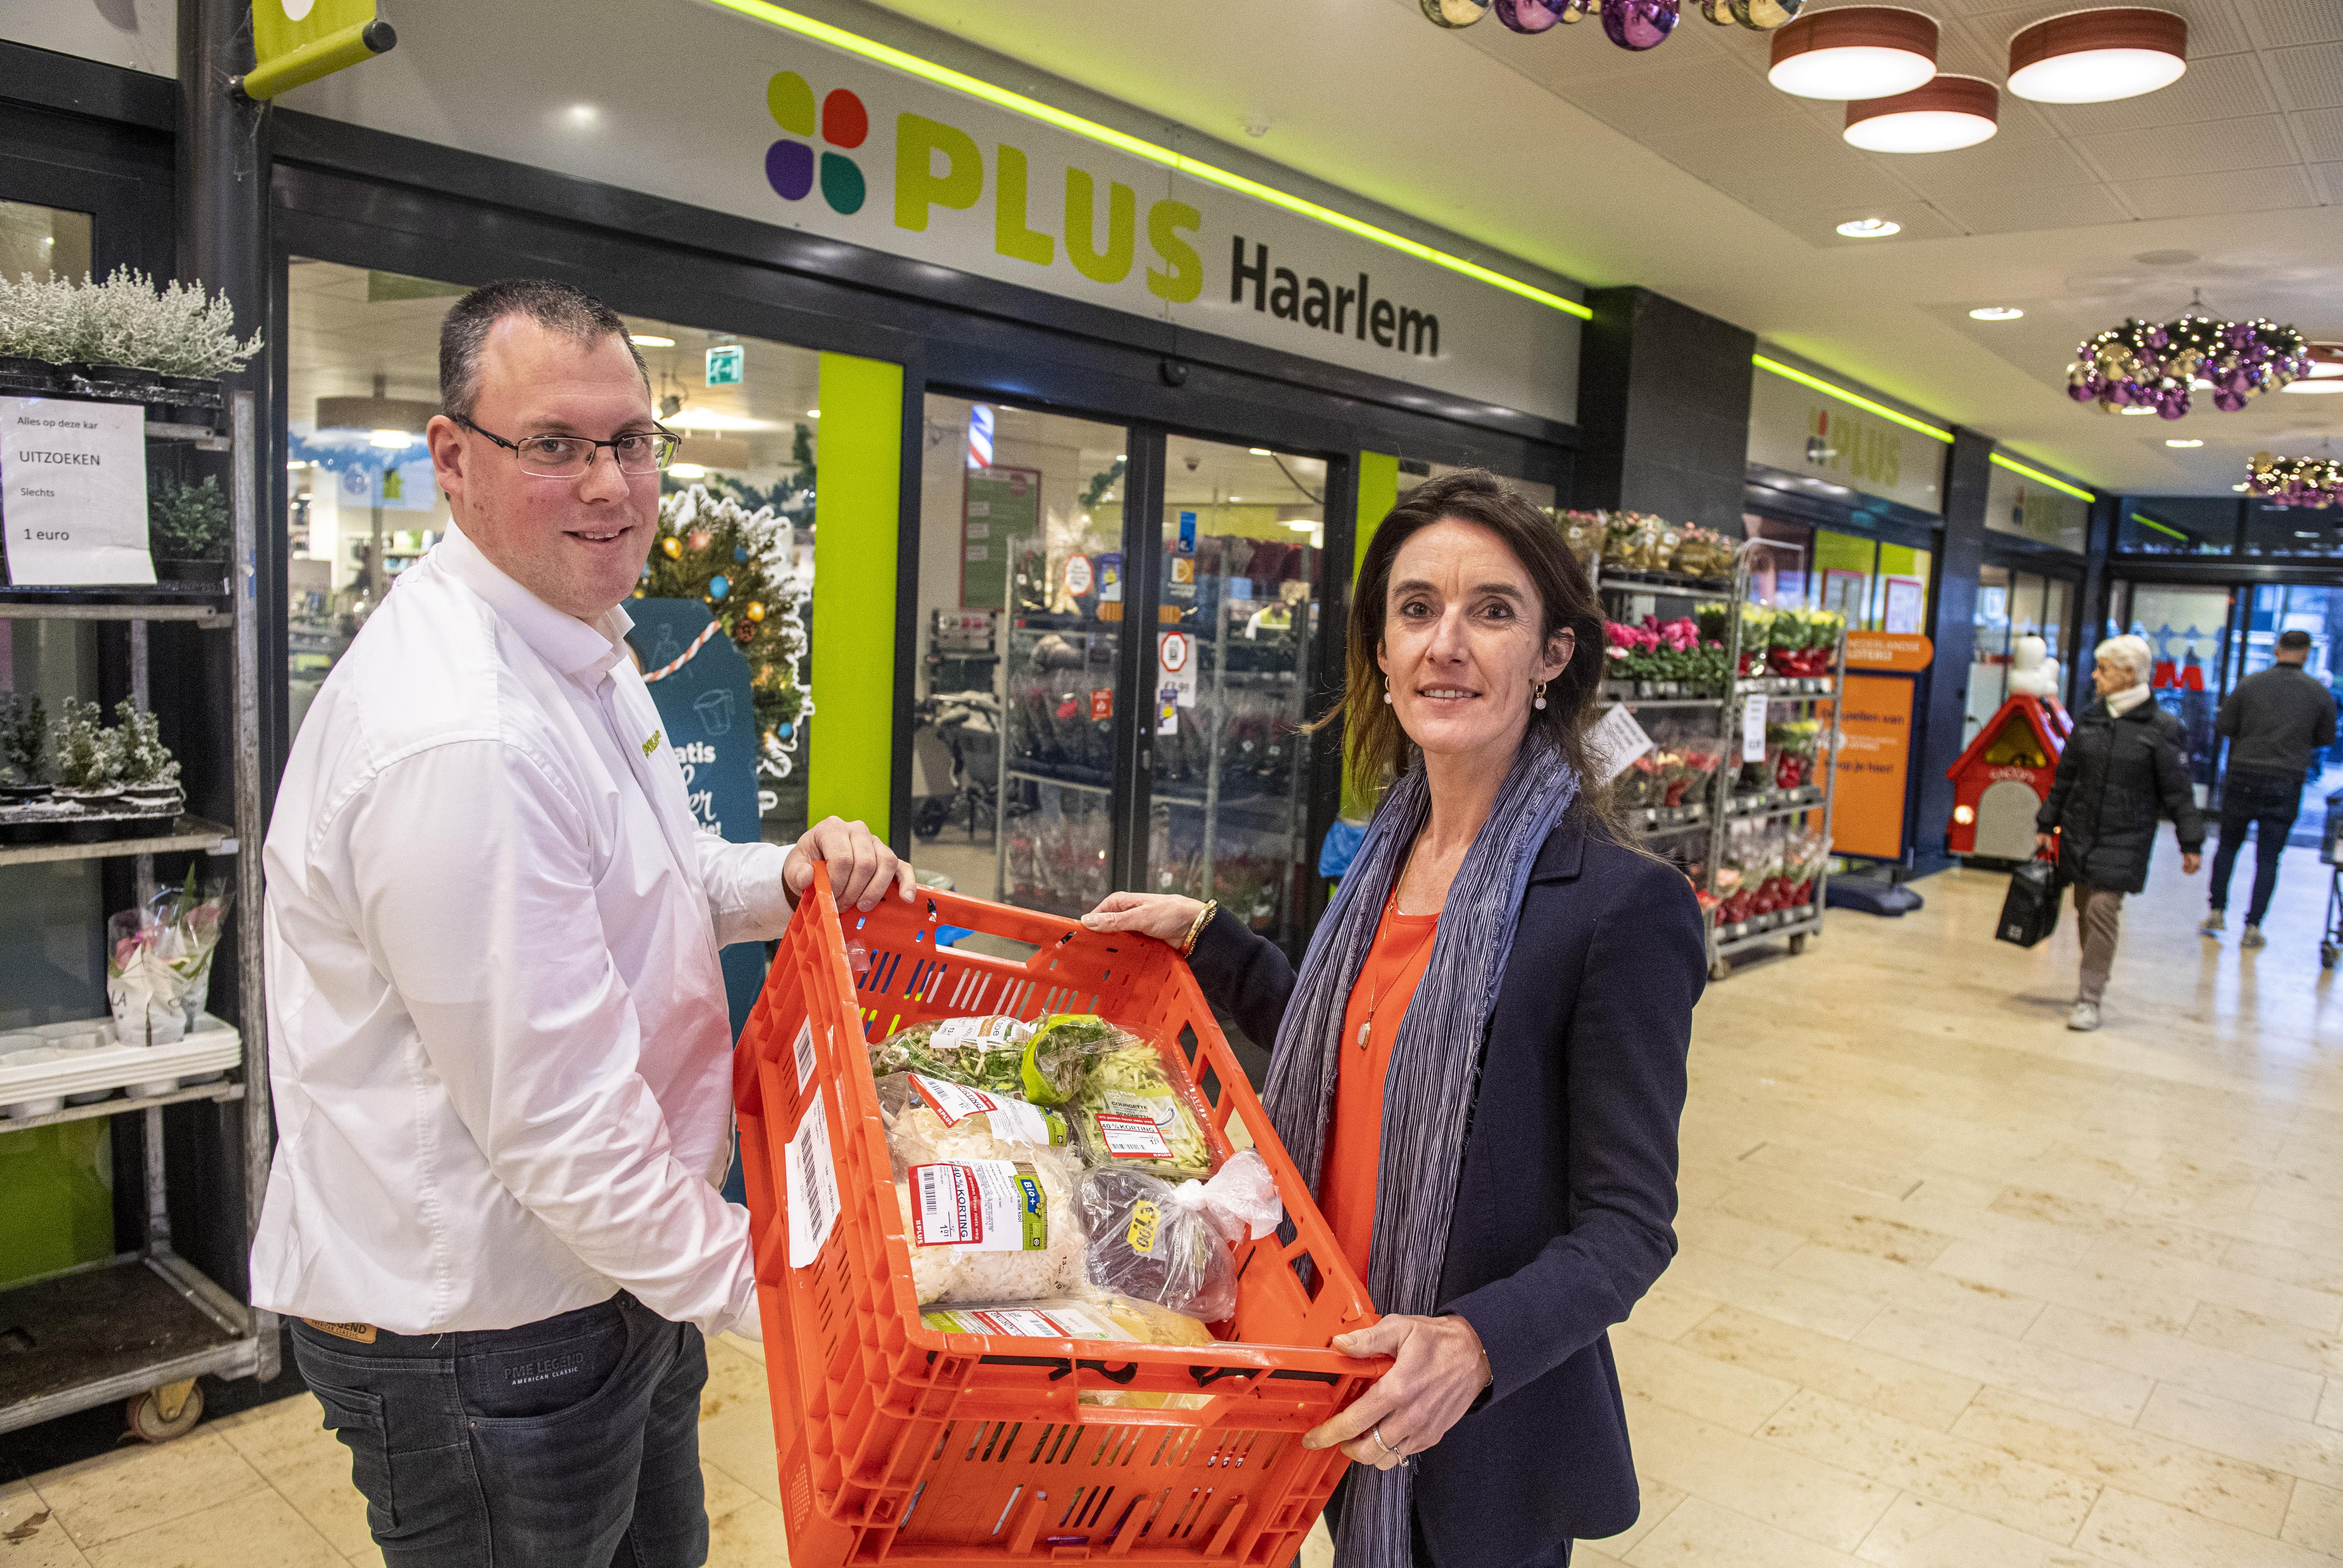 Tweede leven voor voedsel uit supermarkten: 'Ik geef het ook aan mijn kinderen'